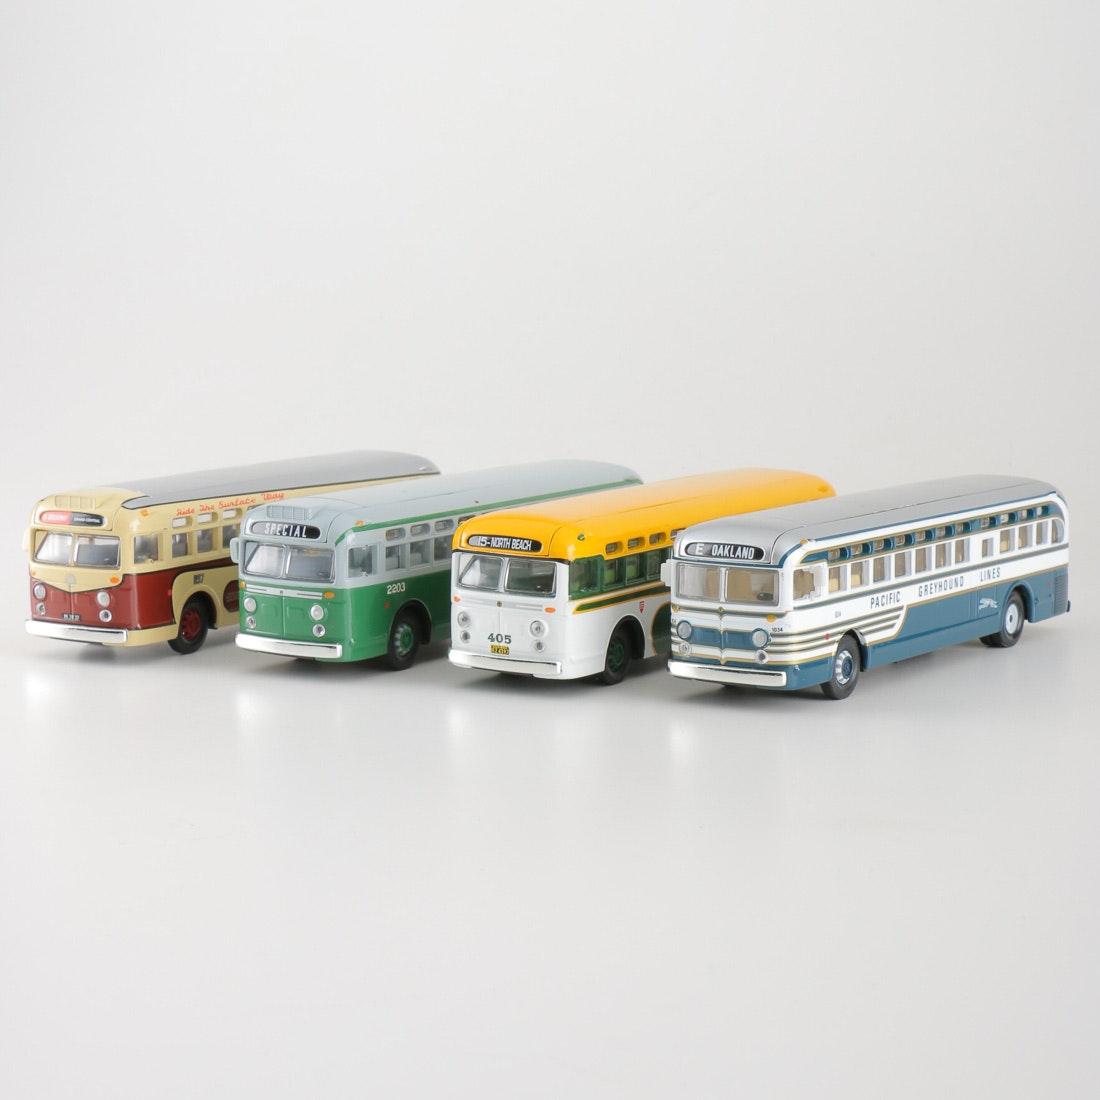 Die-Cast Buses by Corgi Toys